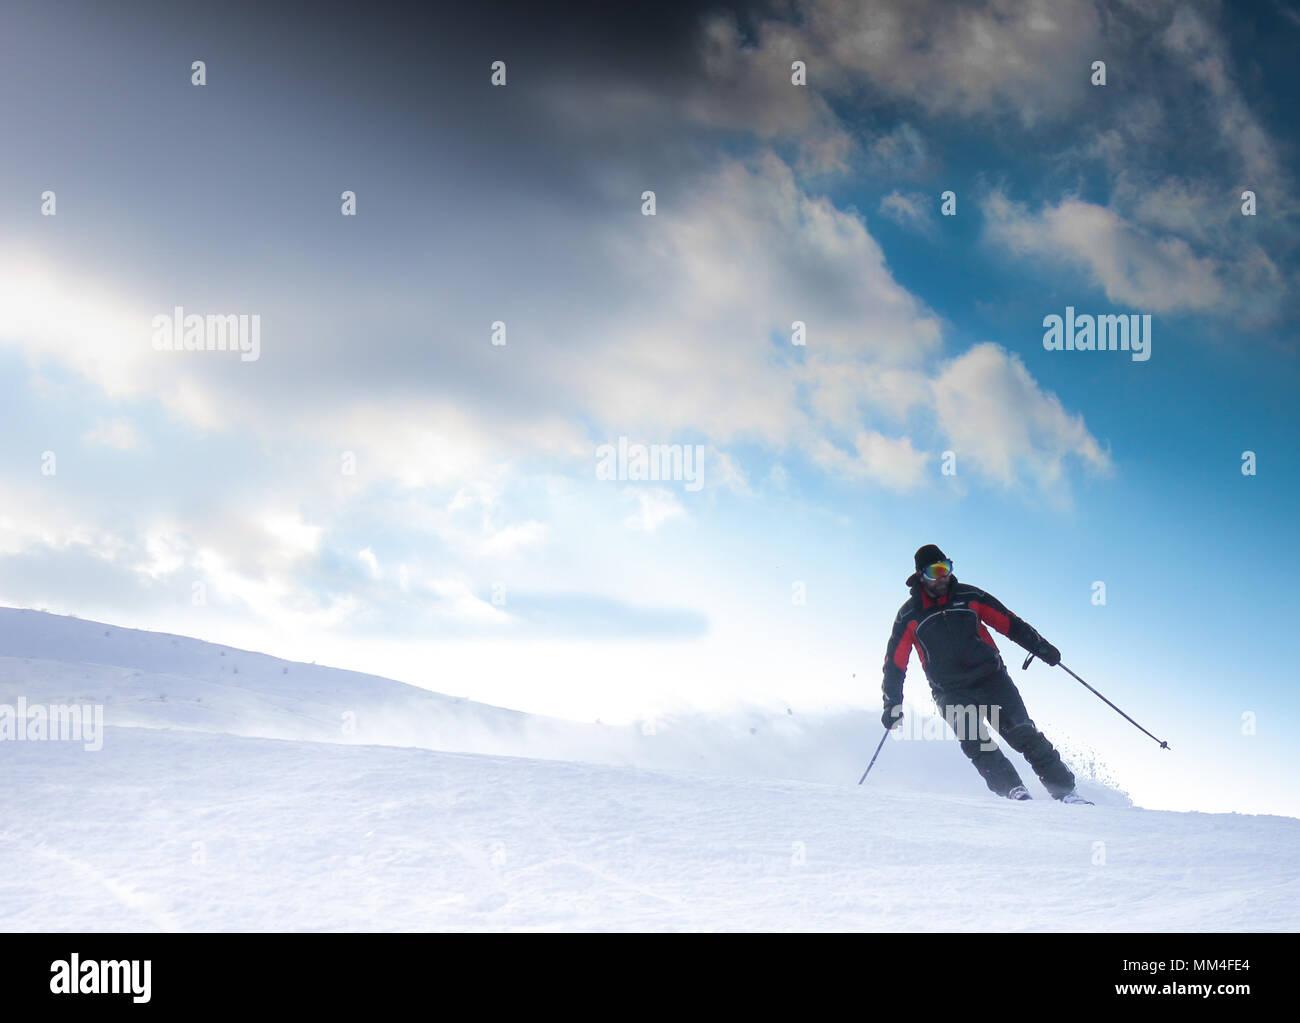 Skier on piste running downhill - Stock Image